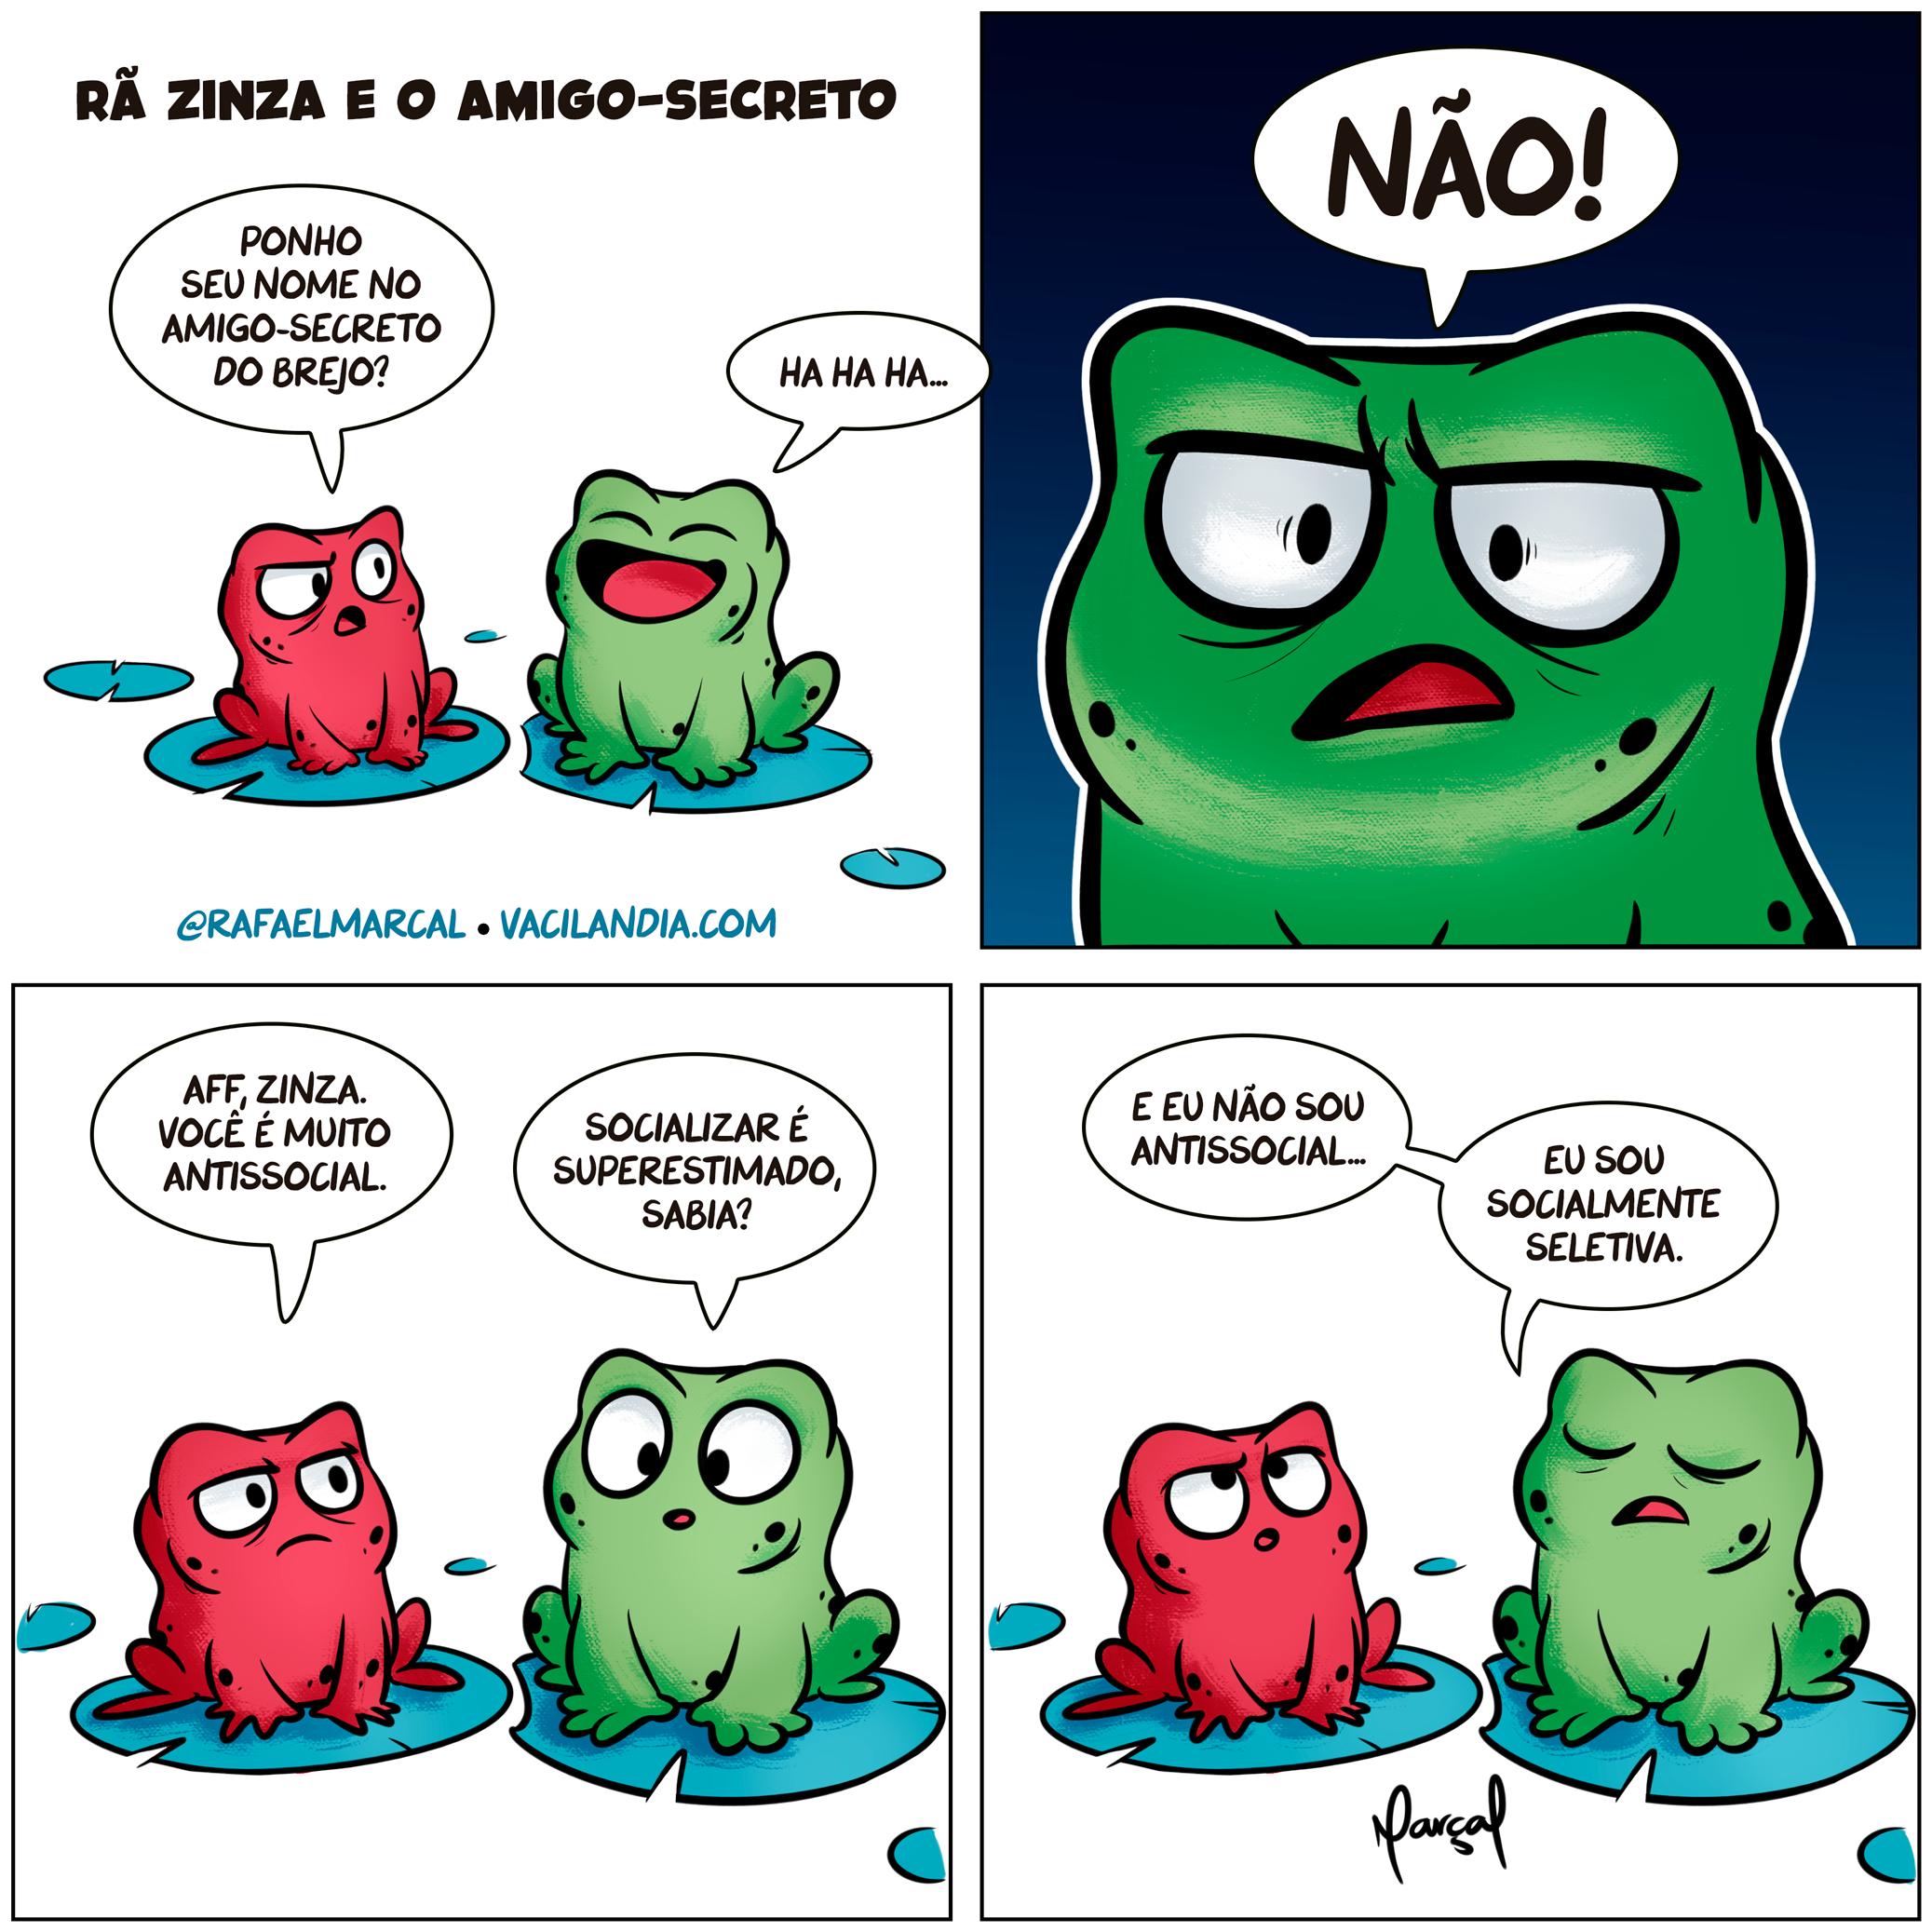 Rã Zinza e o Amigo-Secreto | webcomic, tirinhas, tirinha, social, ranzinza, rã zinza, quadrinhos, memes, humor, comédia, antissocial, amigo secreto